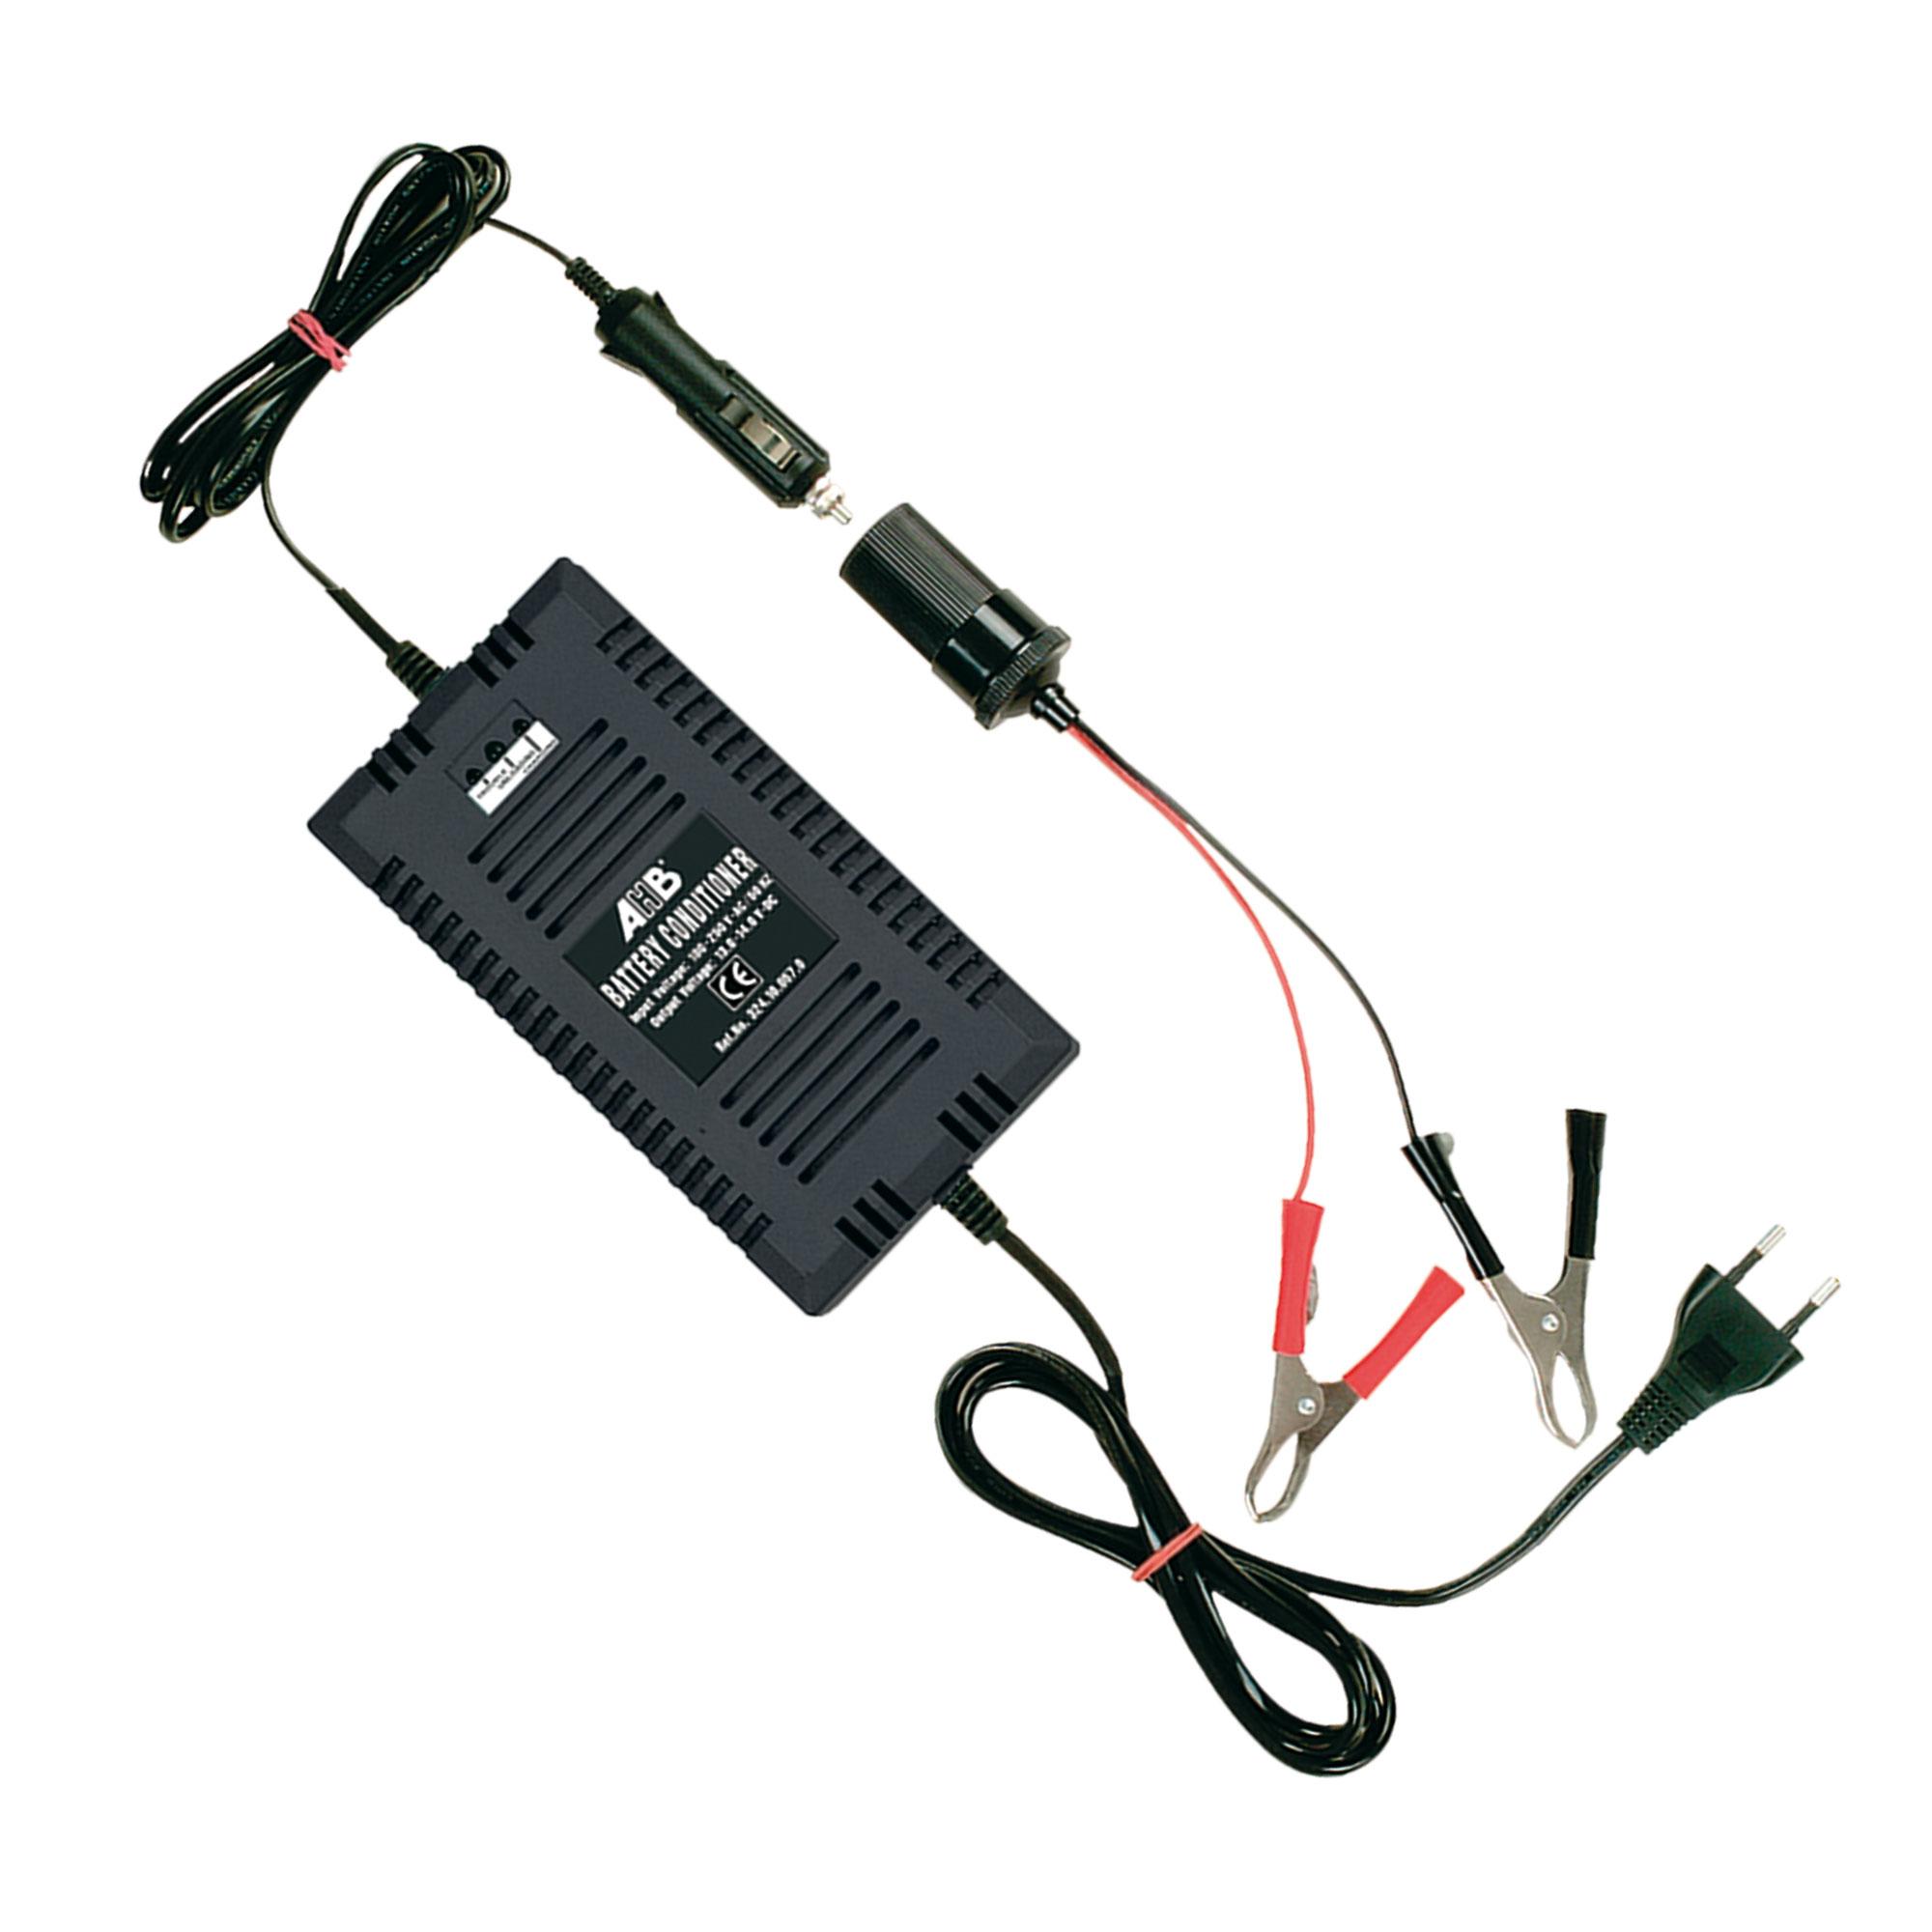 Automatik-Batterie-Lade- und Frischhaltegerät